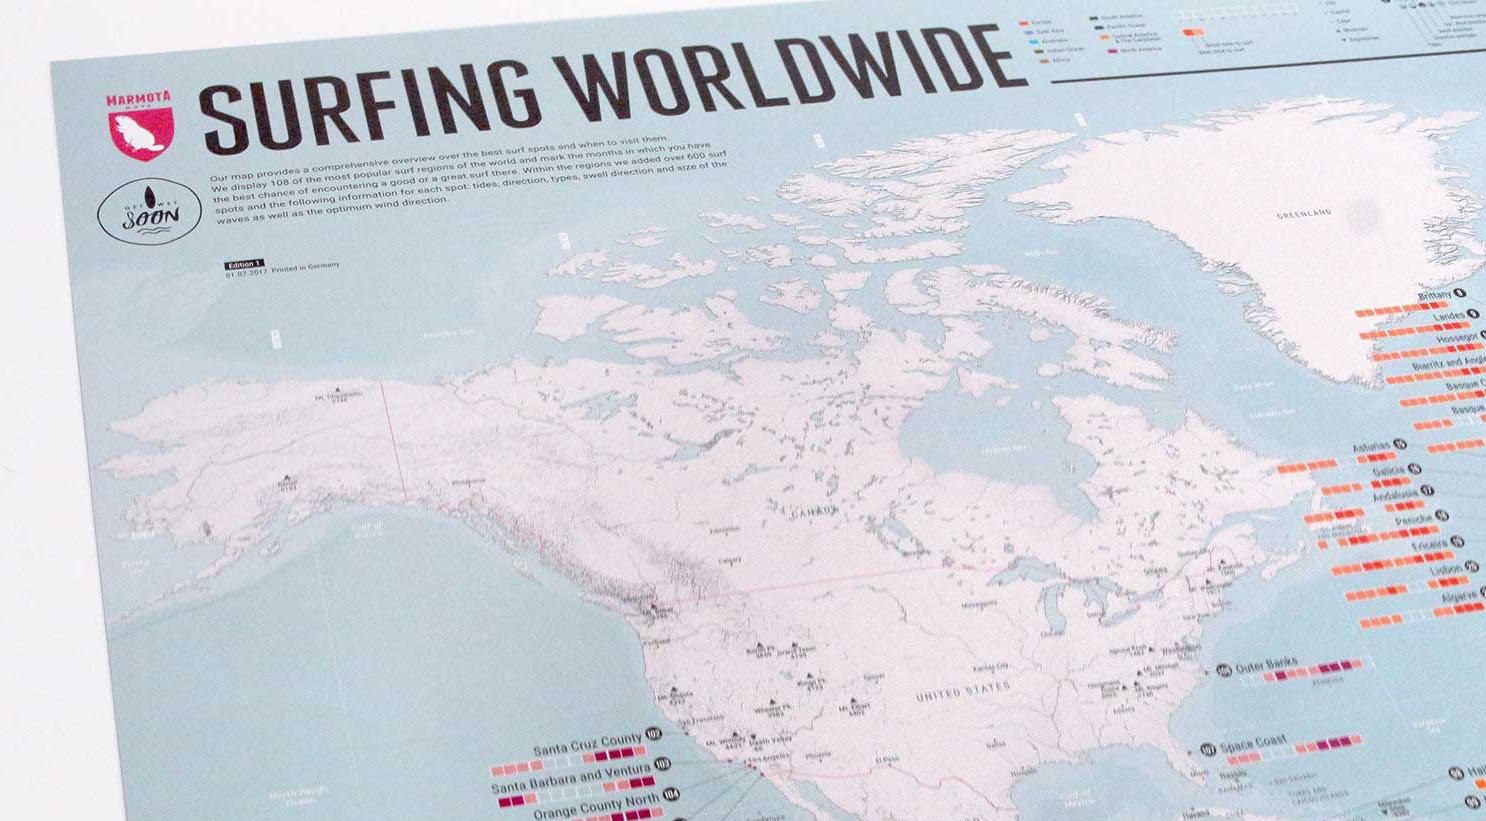 SURFING WORLDWIDE GET WET SOON